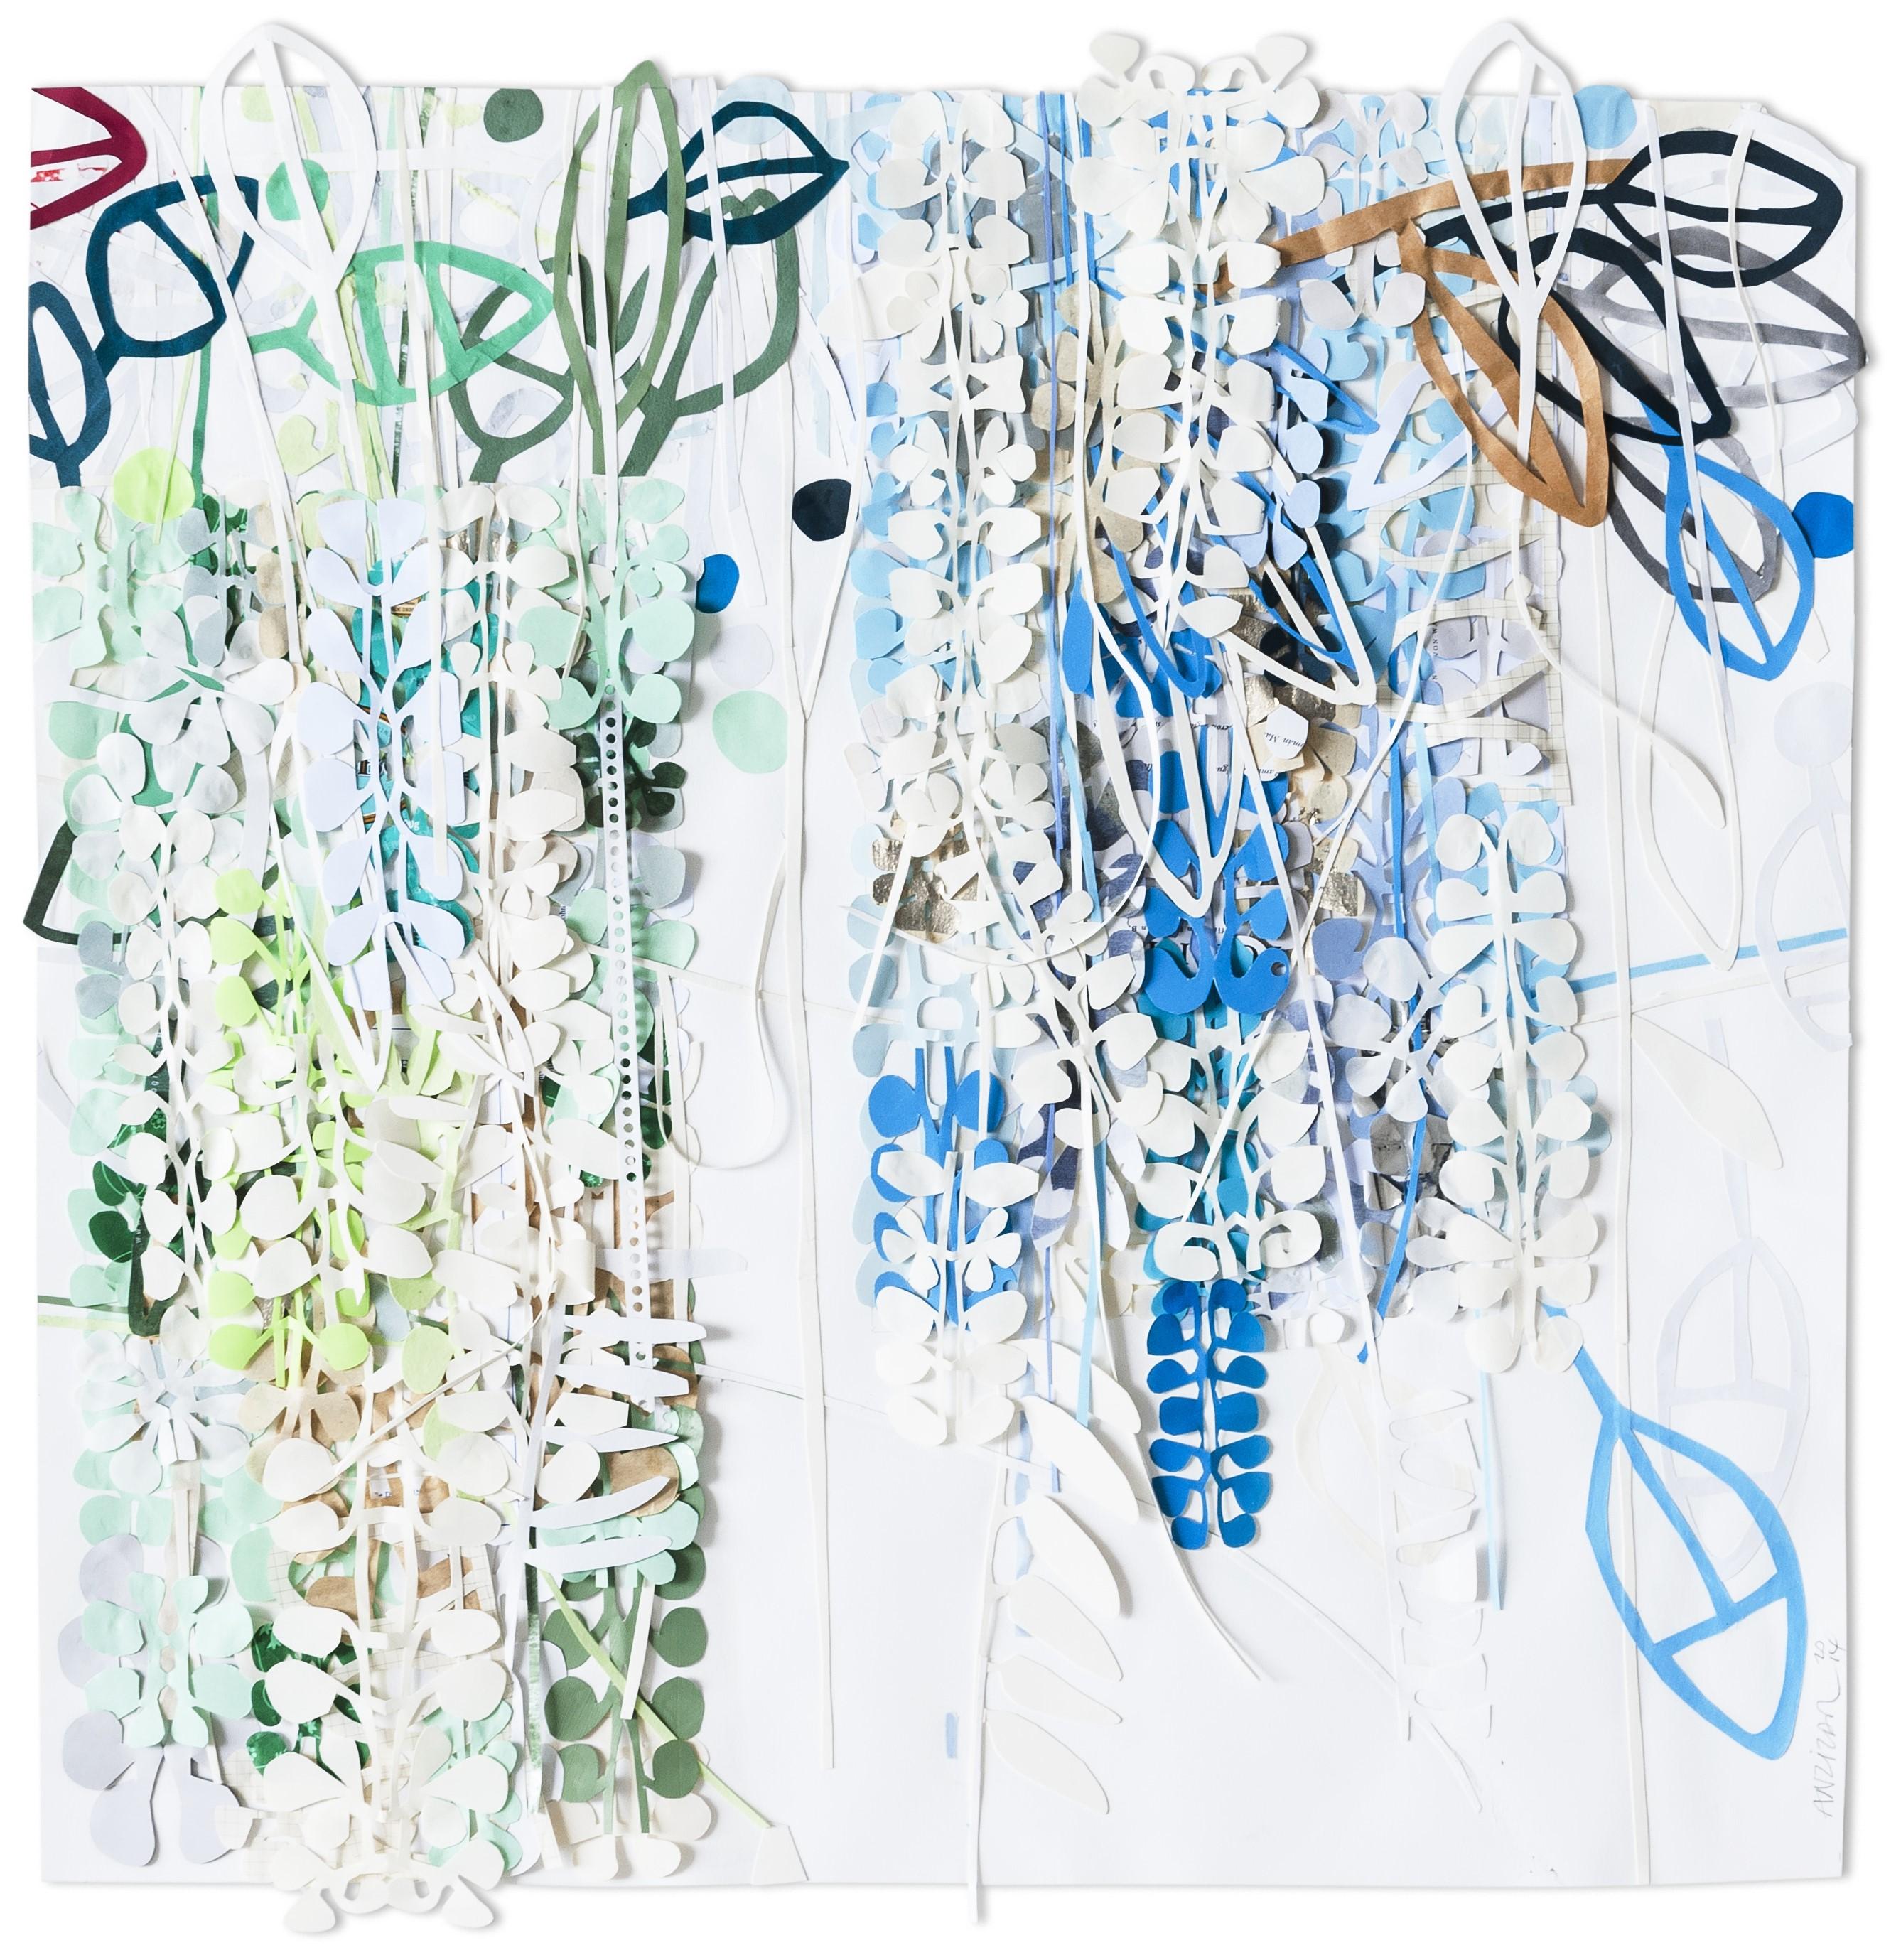 ST, papel sobre papel ,90x90cm, 2014